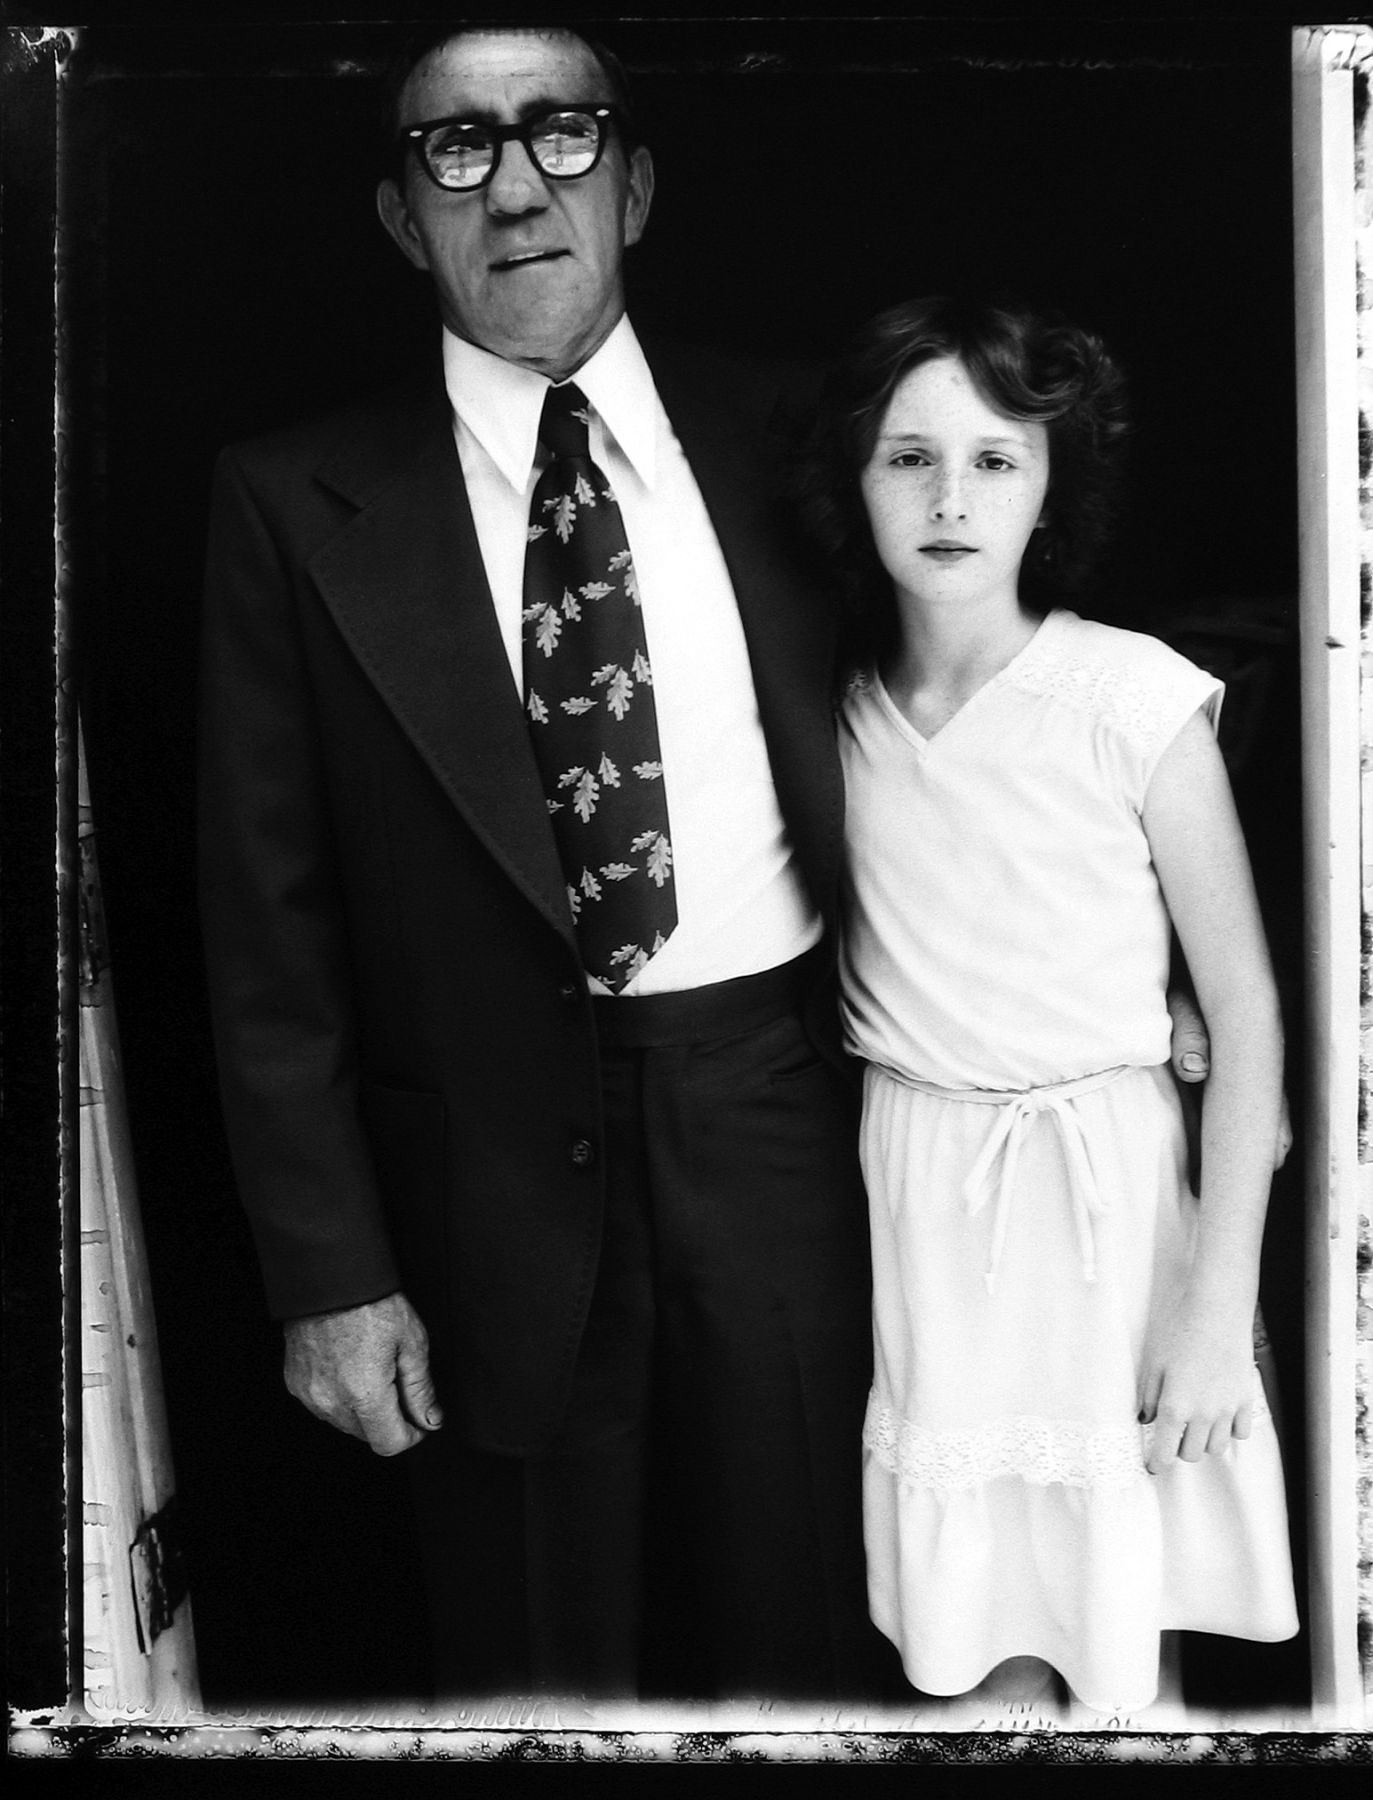 Bill Burke - Reverend Robert Elkins and niece, Church of Jesus Name, Jolo, West Virginia, 1979 - Howard Greenberg Gallery - 2018